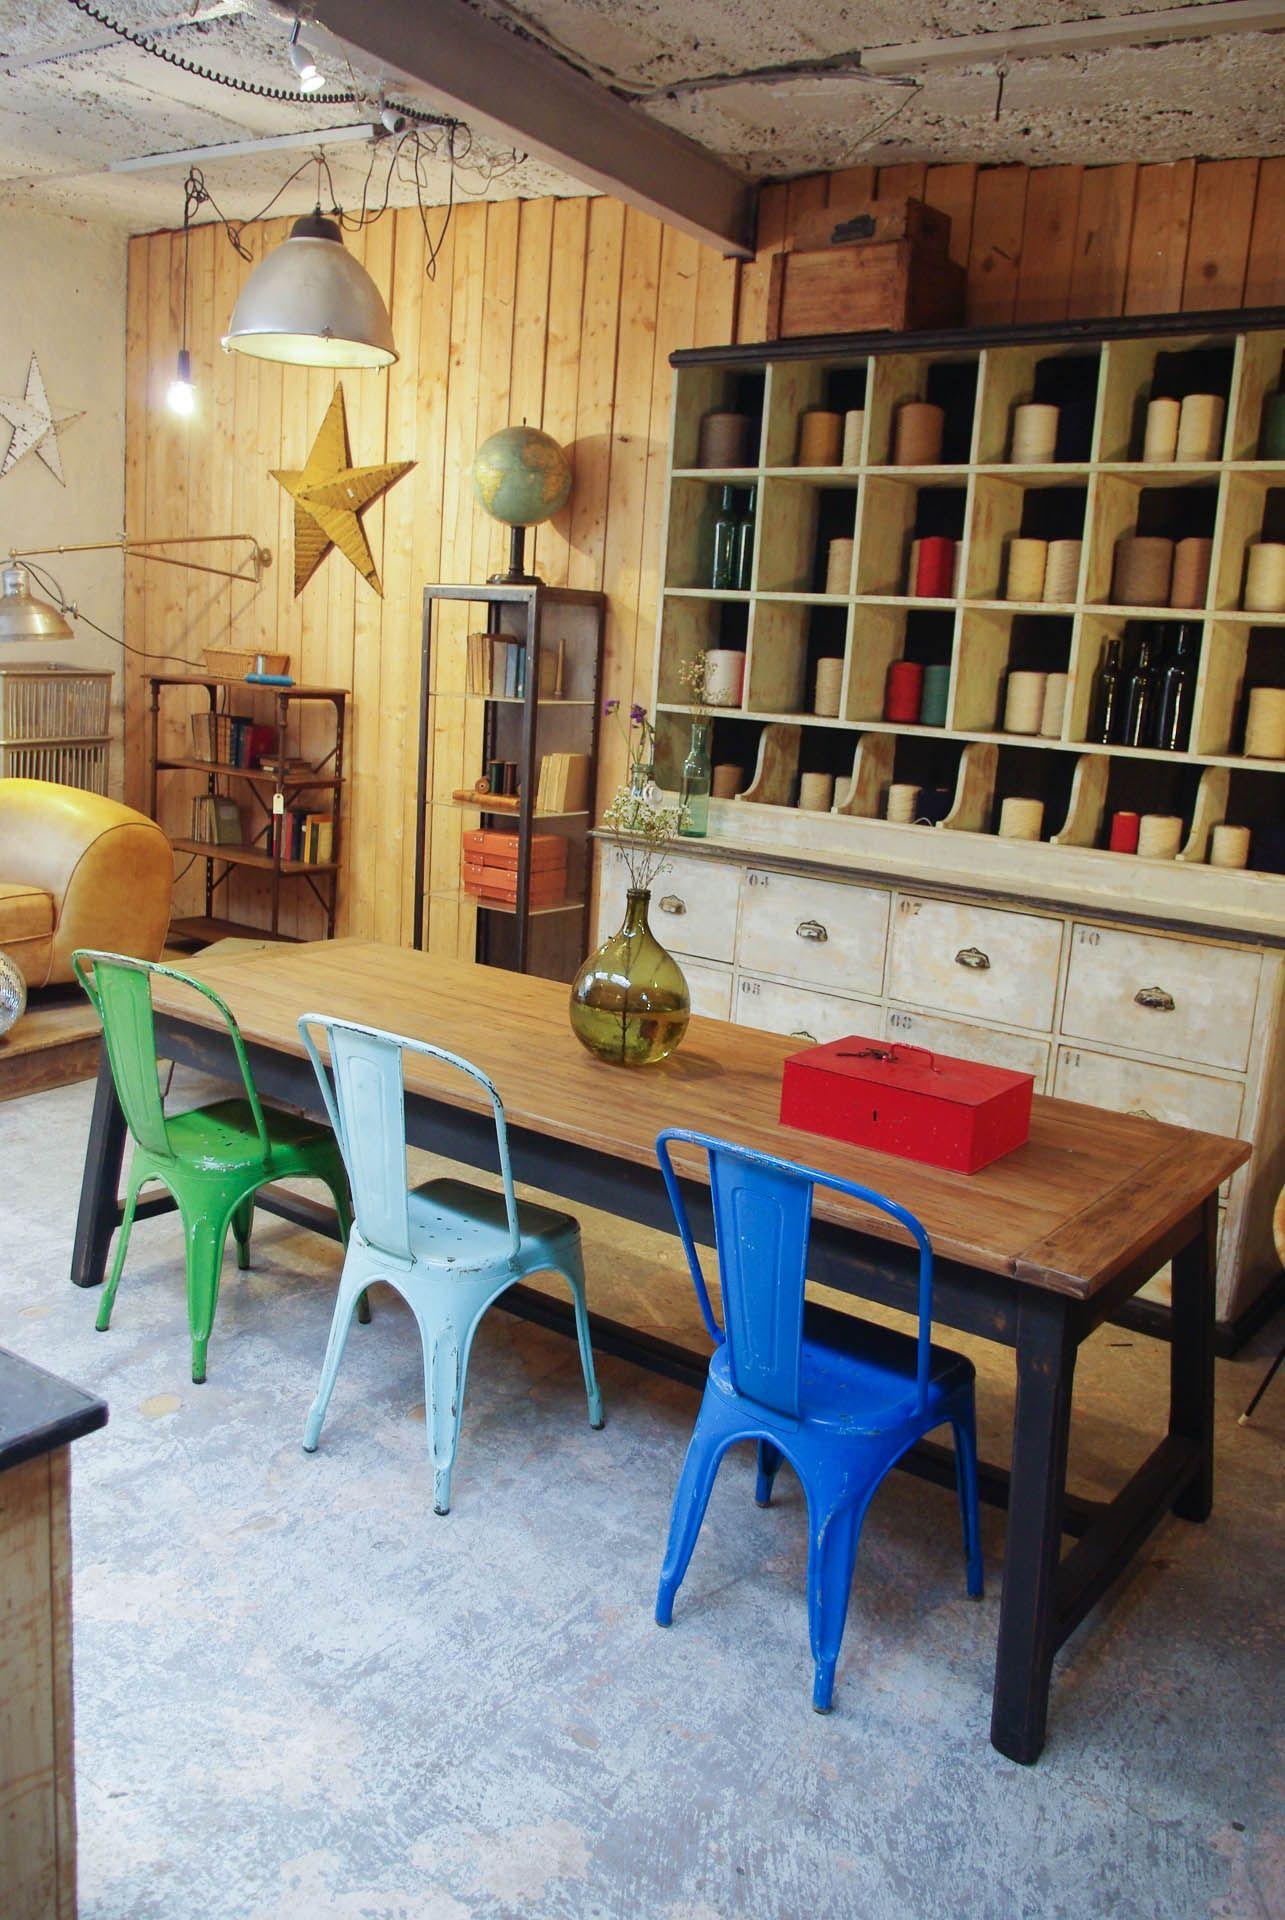 Ancienne Table De Ferme En Bois Par Le Marchand D Oublis Table De Ferme Deco Salle A Manger Idees Deco Salle A Manger